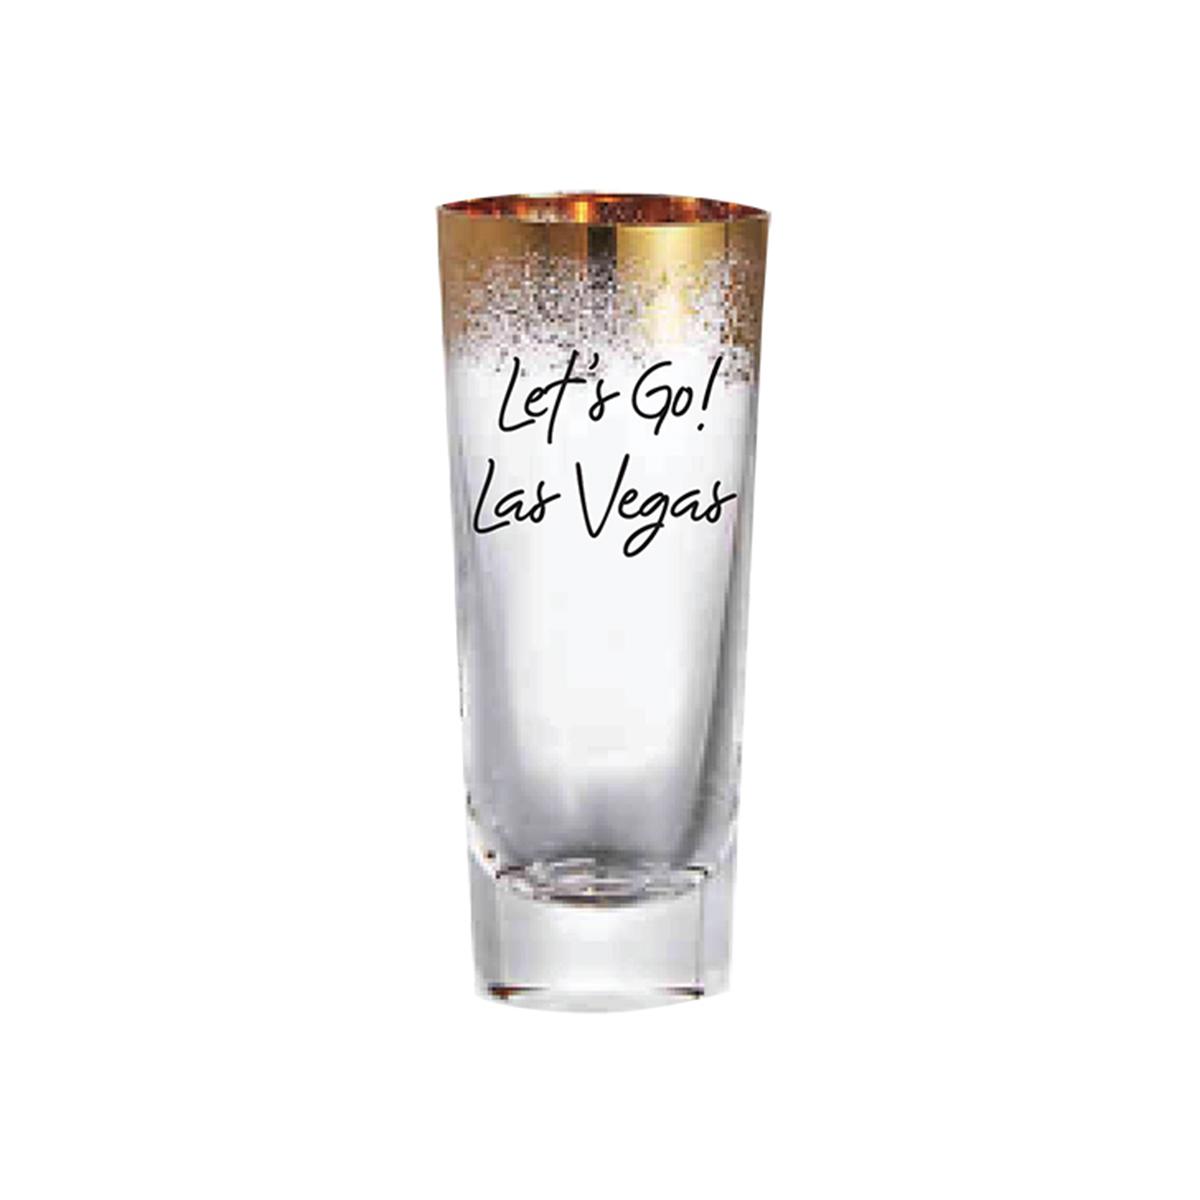 Let's Go Las Vegas Shot Glass